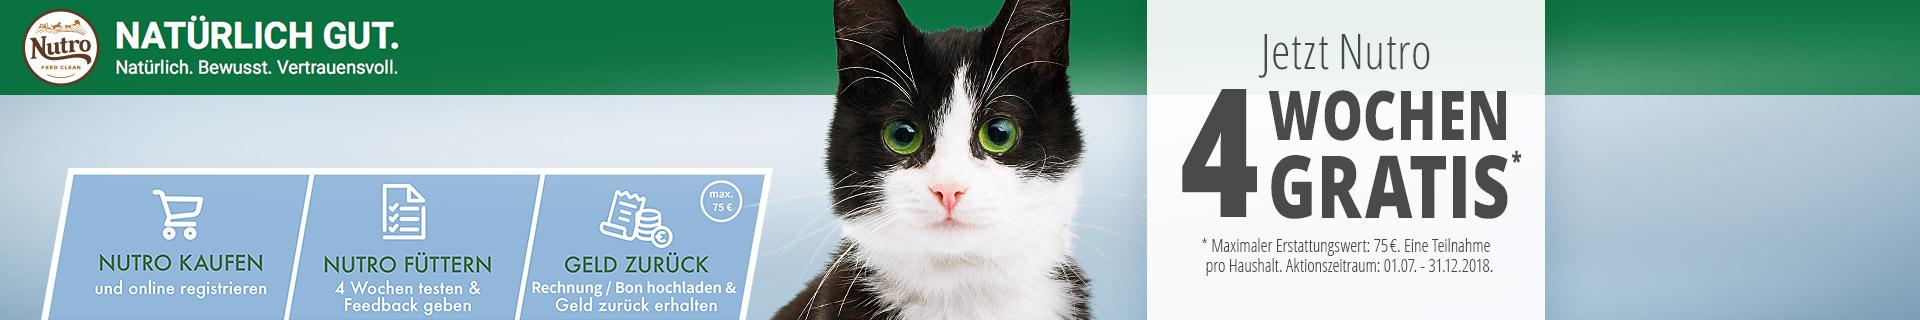 Nutro Katzenfutter Payback Aktion